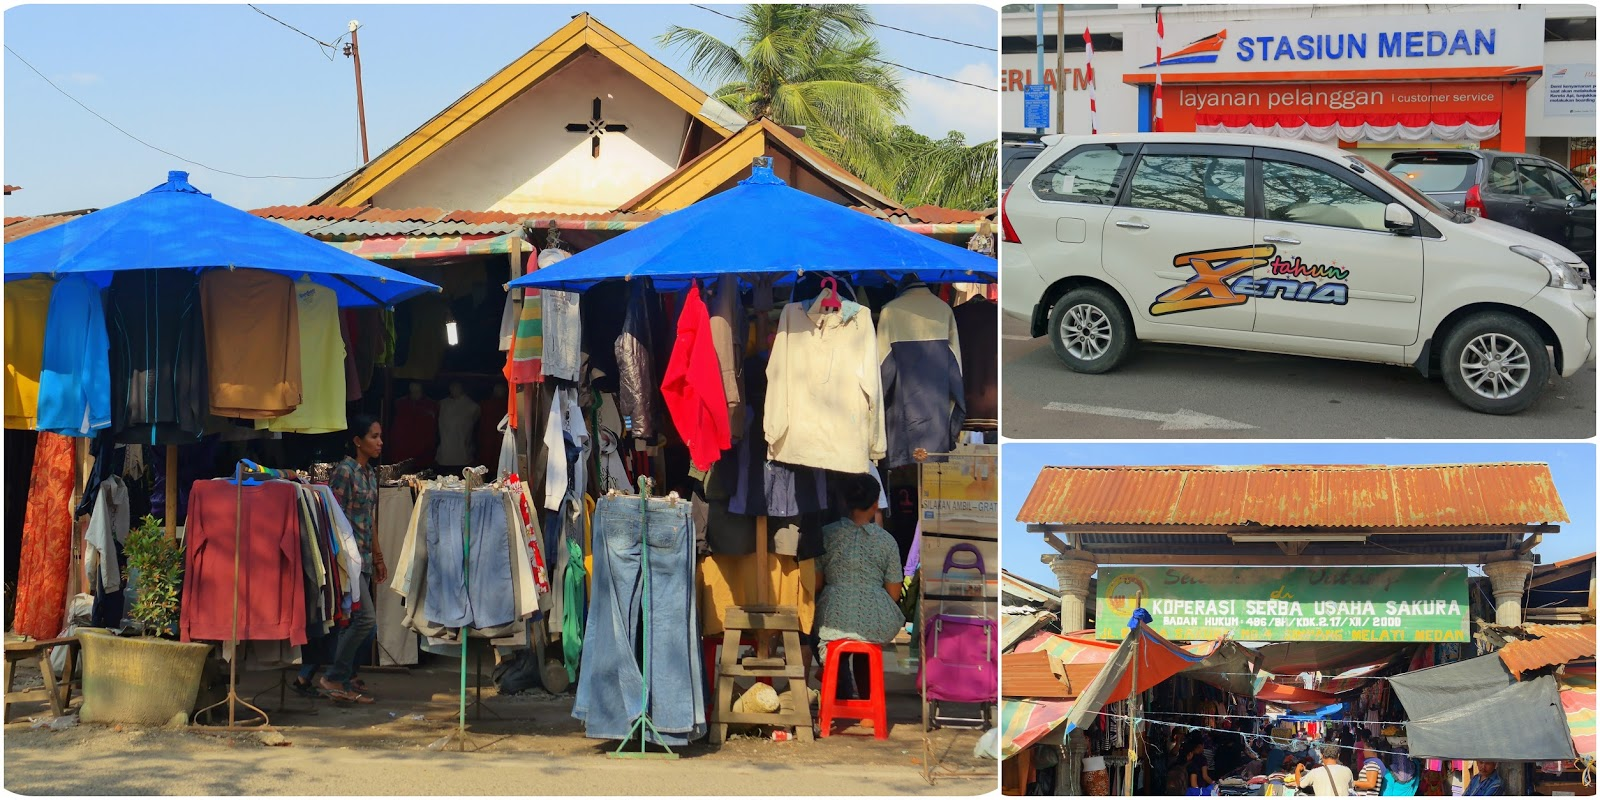 Blog Indonesia Page 2167 Of 2173 Produk Ukm Bumn Jus Durian Lite Kuning Omah Duren Pasar Pakaian Bekas